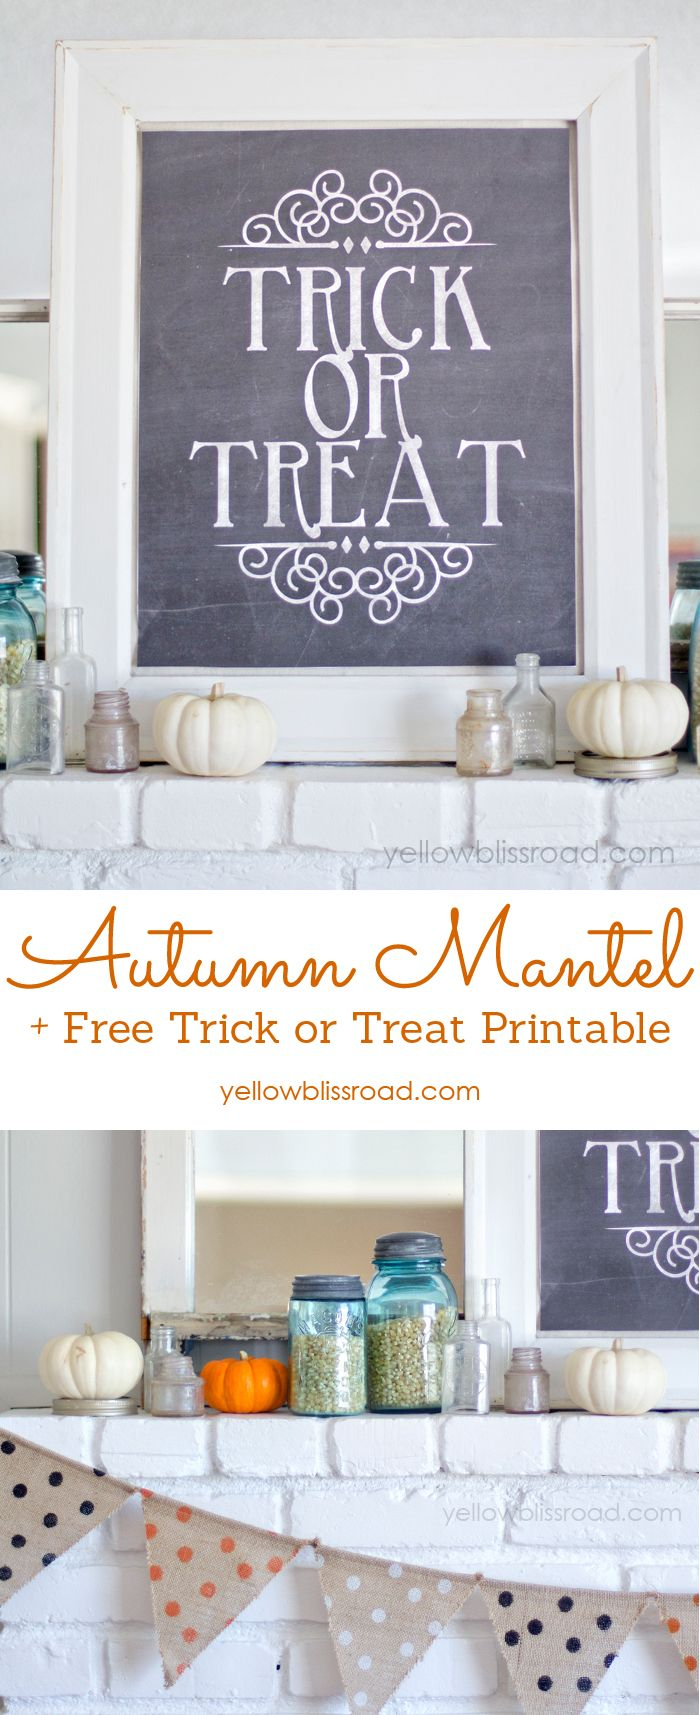 Autumn Mantel plus a Free Trick or Treat Printable